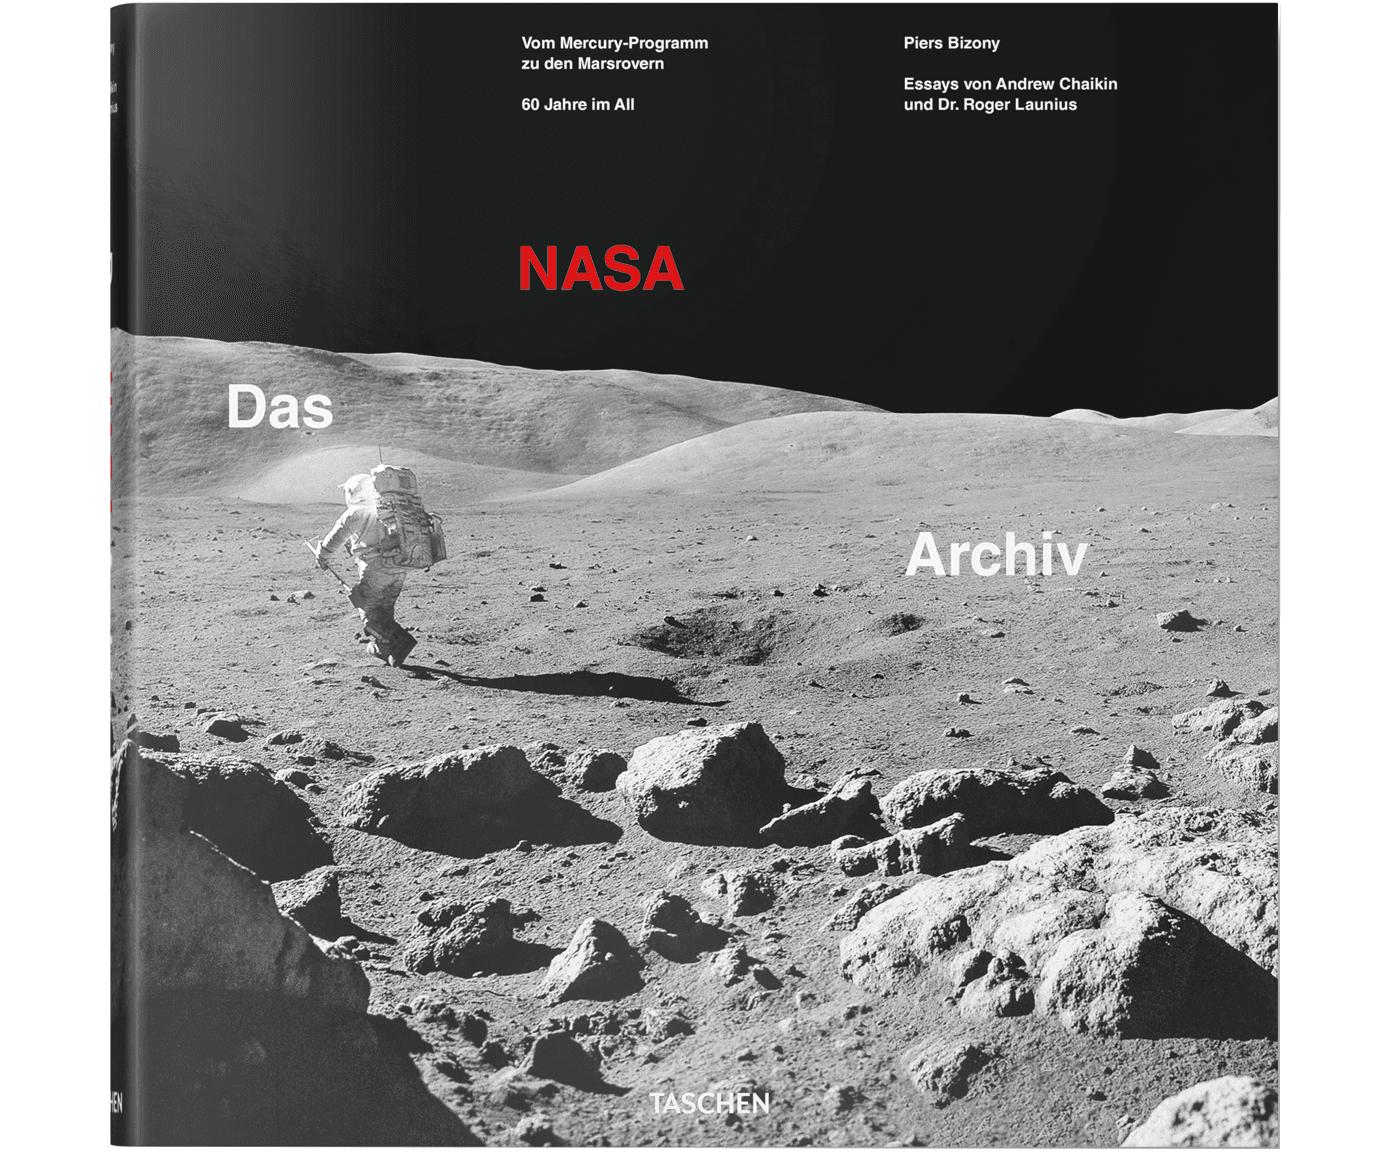 Album Das NASA Archiv: 60 Jahre im All, Twarda okładka, papier, Wielobarwny, D 33  x S 33 cm